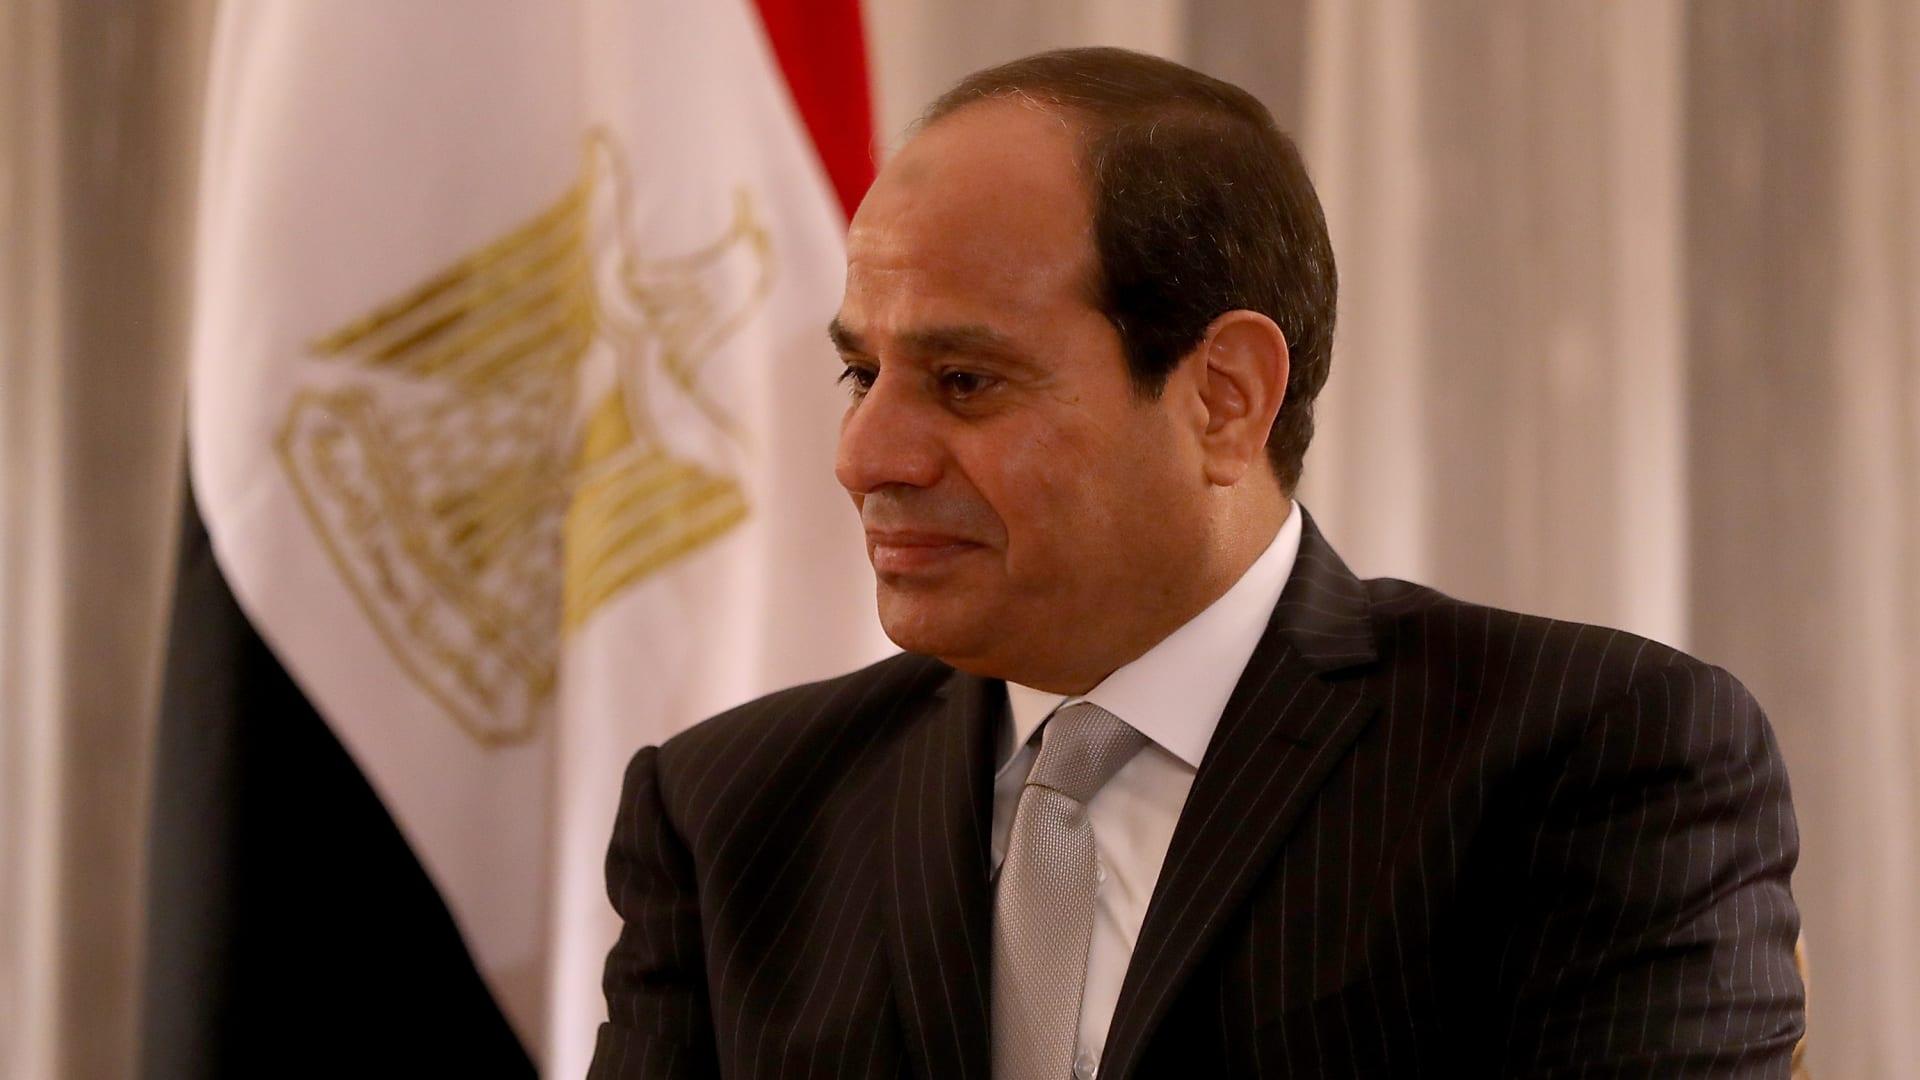 """مجلس النواب المصري يعلن موقفه من التدخل العسكري في ليبيا.. وأحد أعضائه: """"وقفنا تحية للقائد العام"""""""